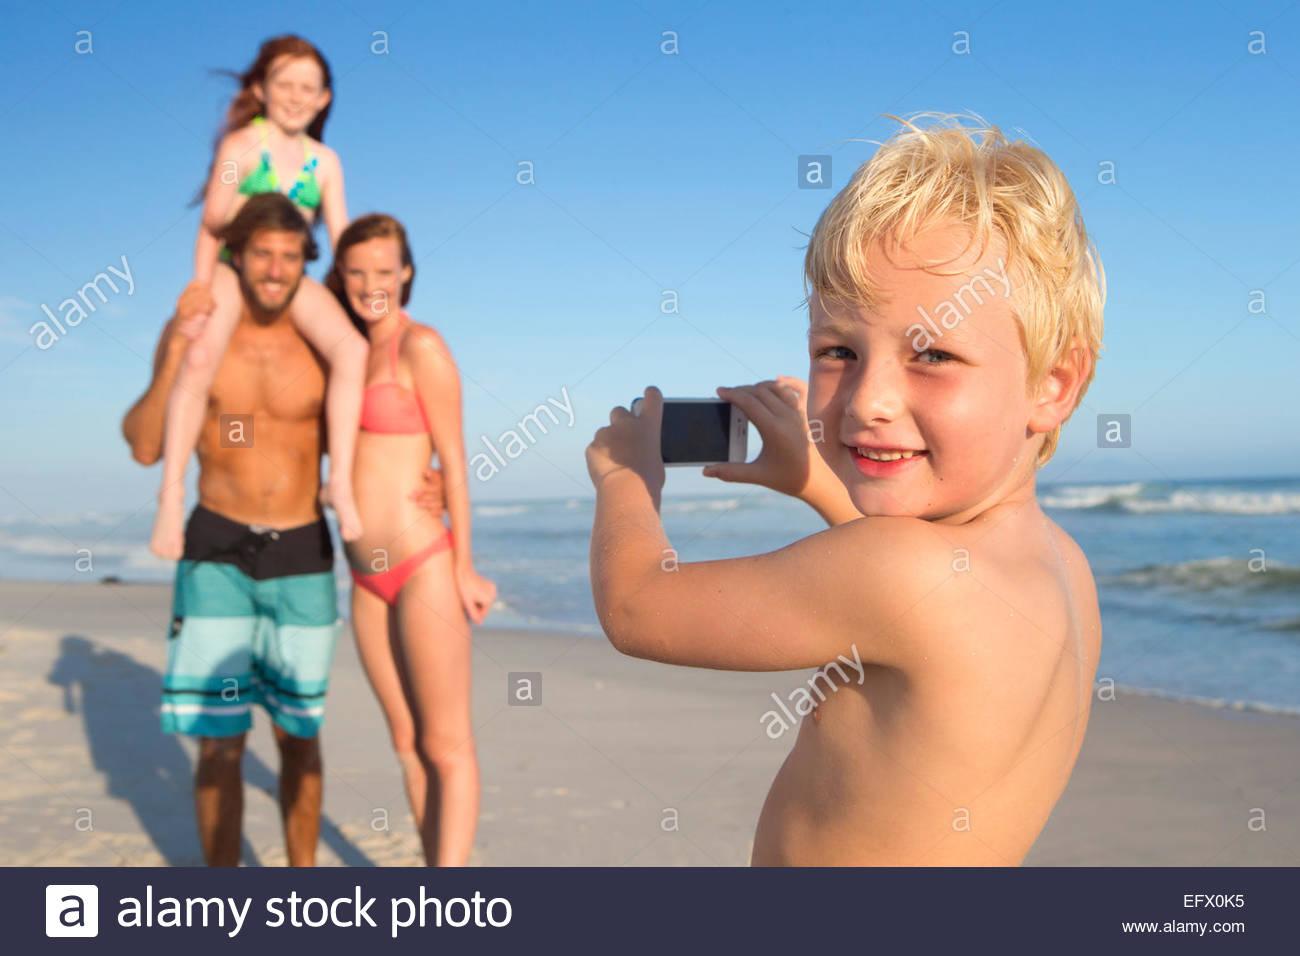 El muchacho, sonriendo ante la cámara, tomar la foto de familia en sunny beach Imagen De Stock